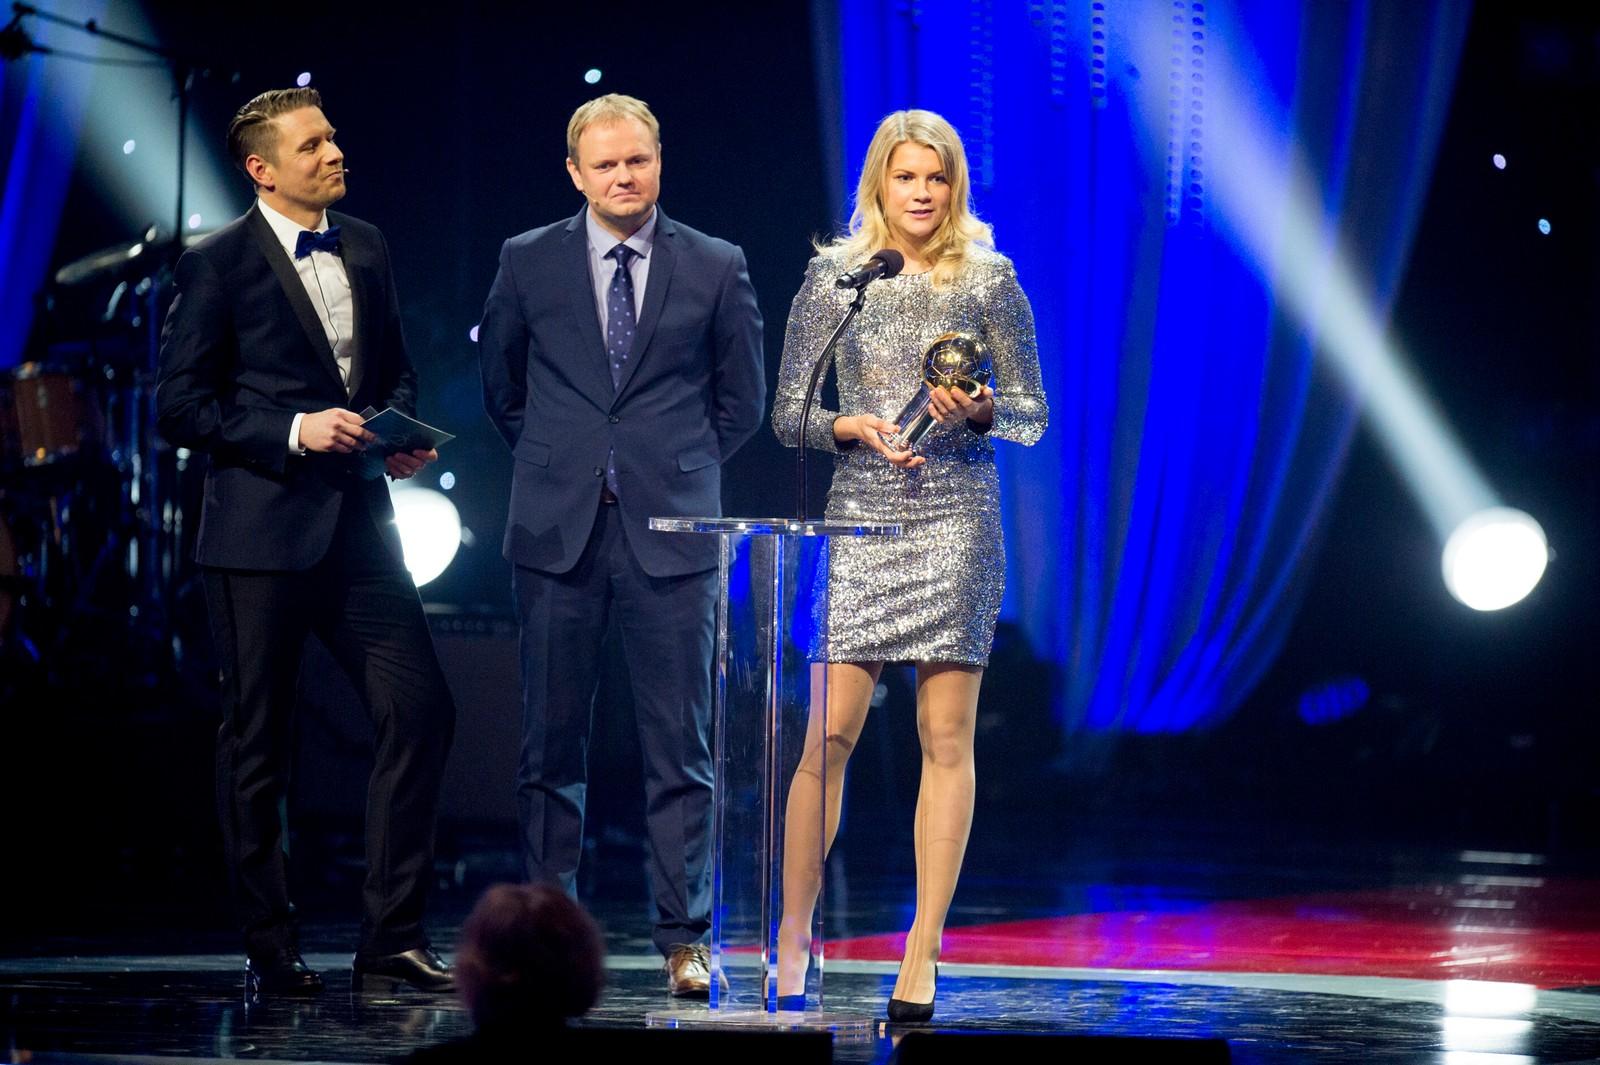 Fotballspiller Ada Stolsmo Hegerberg mottok Gullballen 2015 fra landslagstrener i fotball for kvinner, Roger Finjord, under Idrettsgallaen 2016.